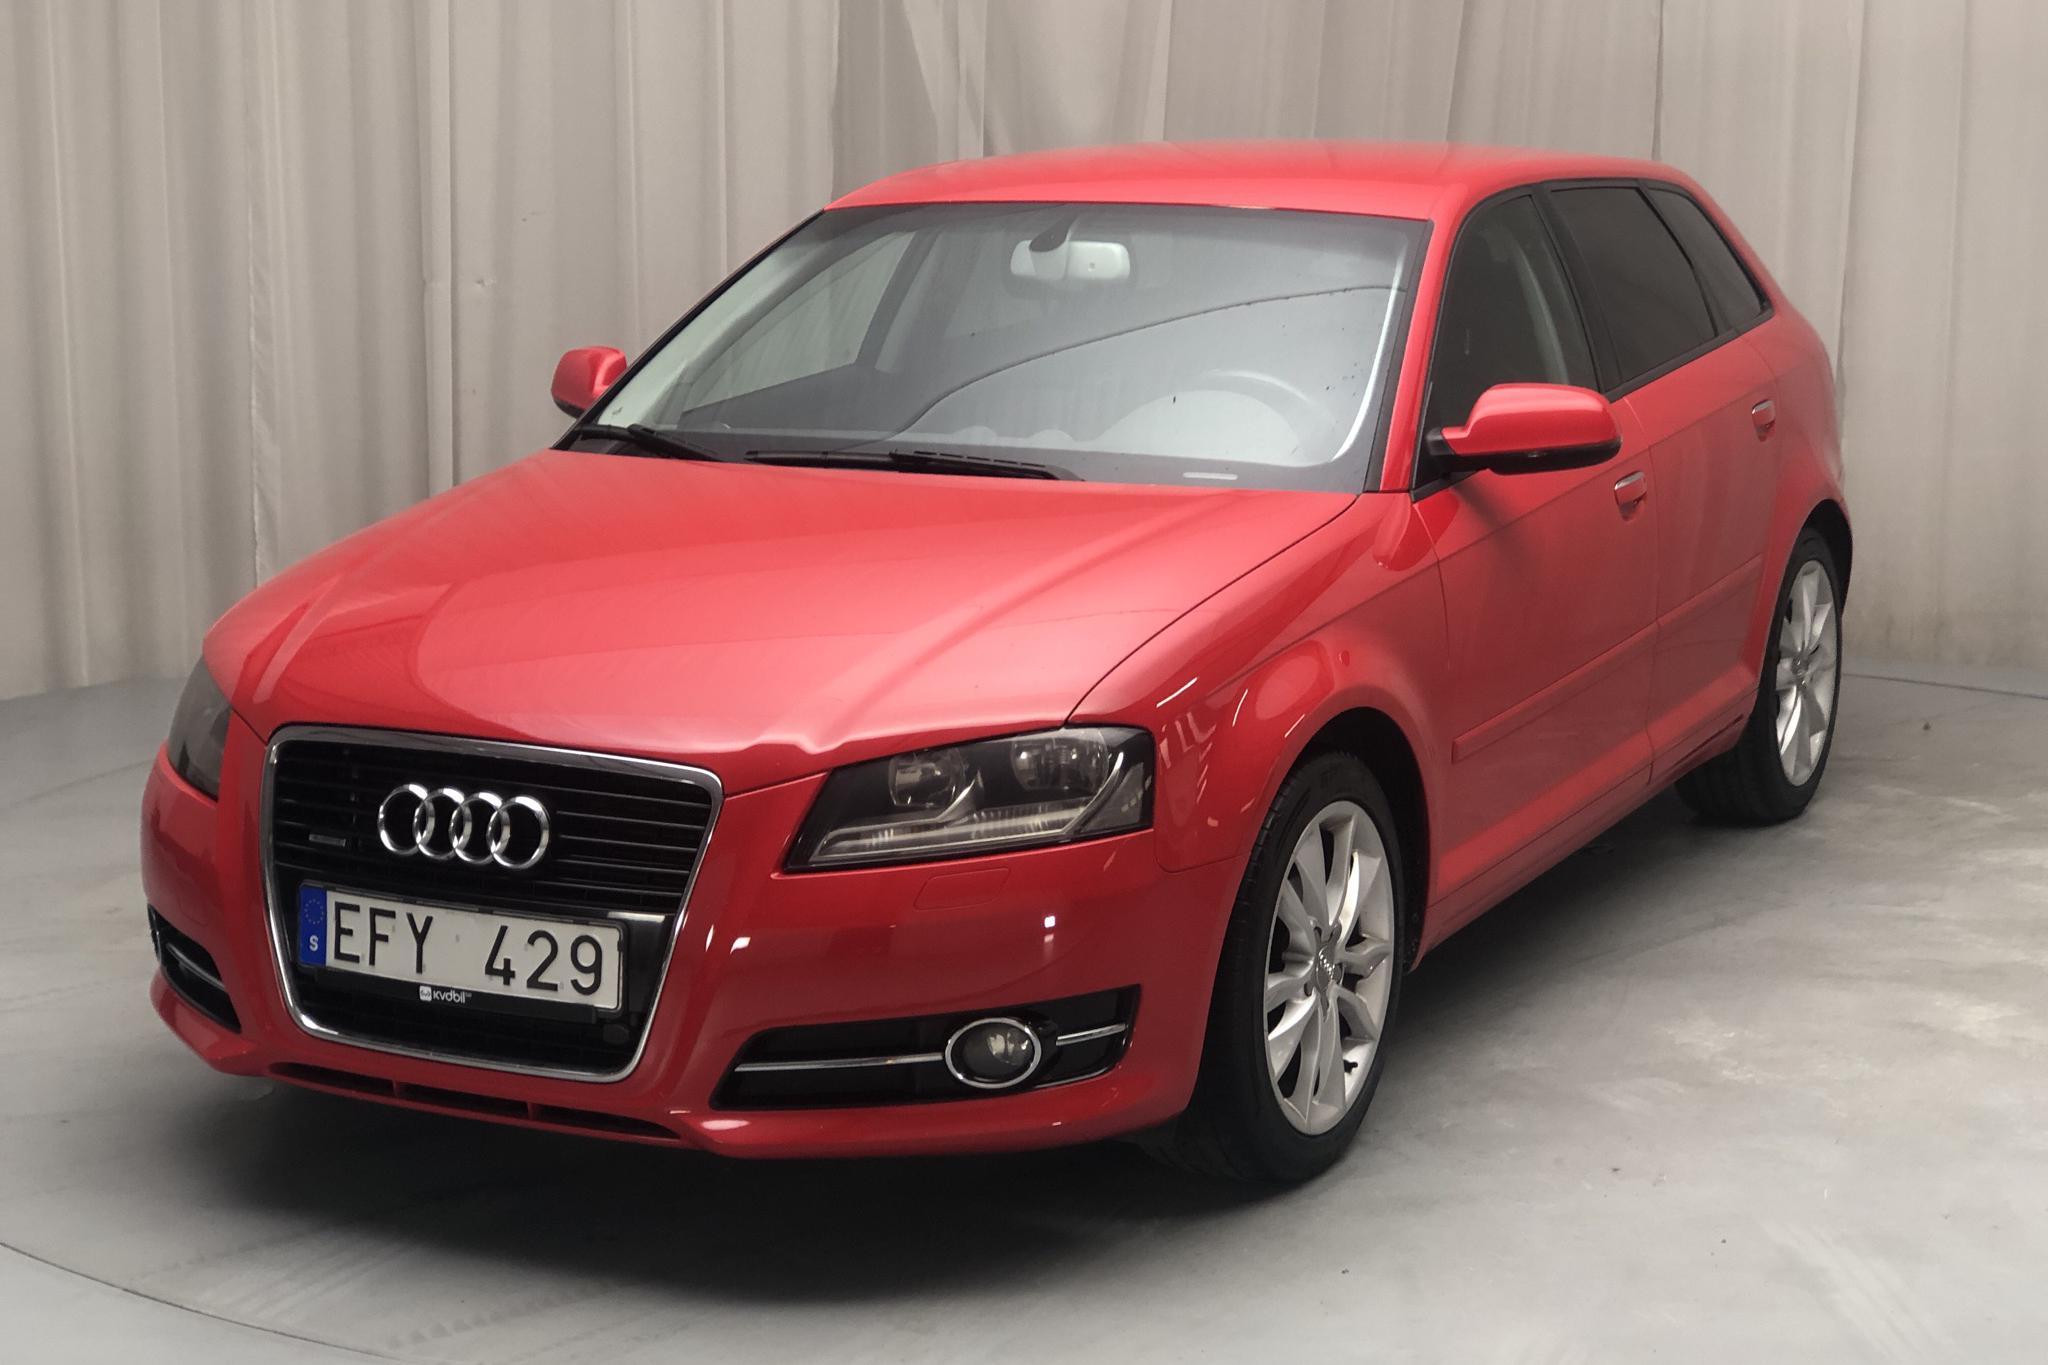 Audi A3 2.0 TDI Sportback quattro (170hk) - 16 381 mil - Manuell - röd - 2012